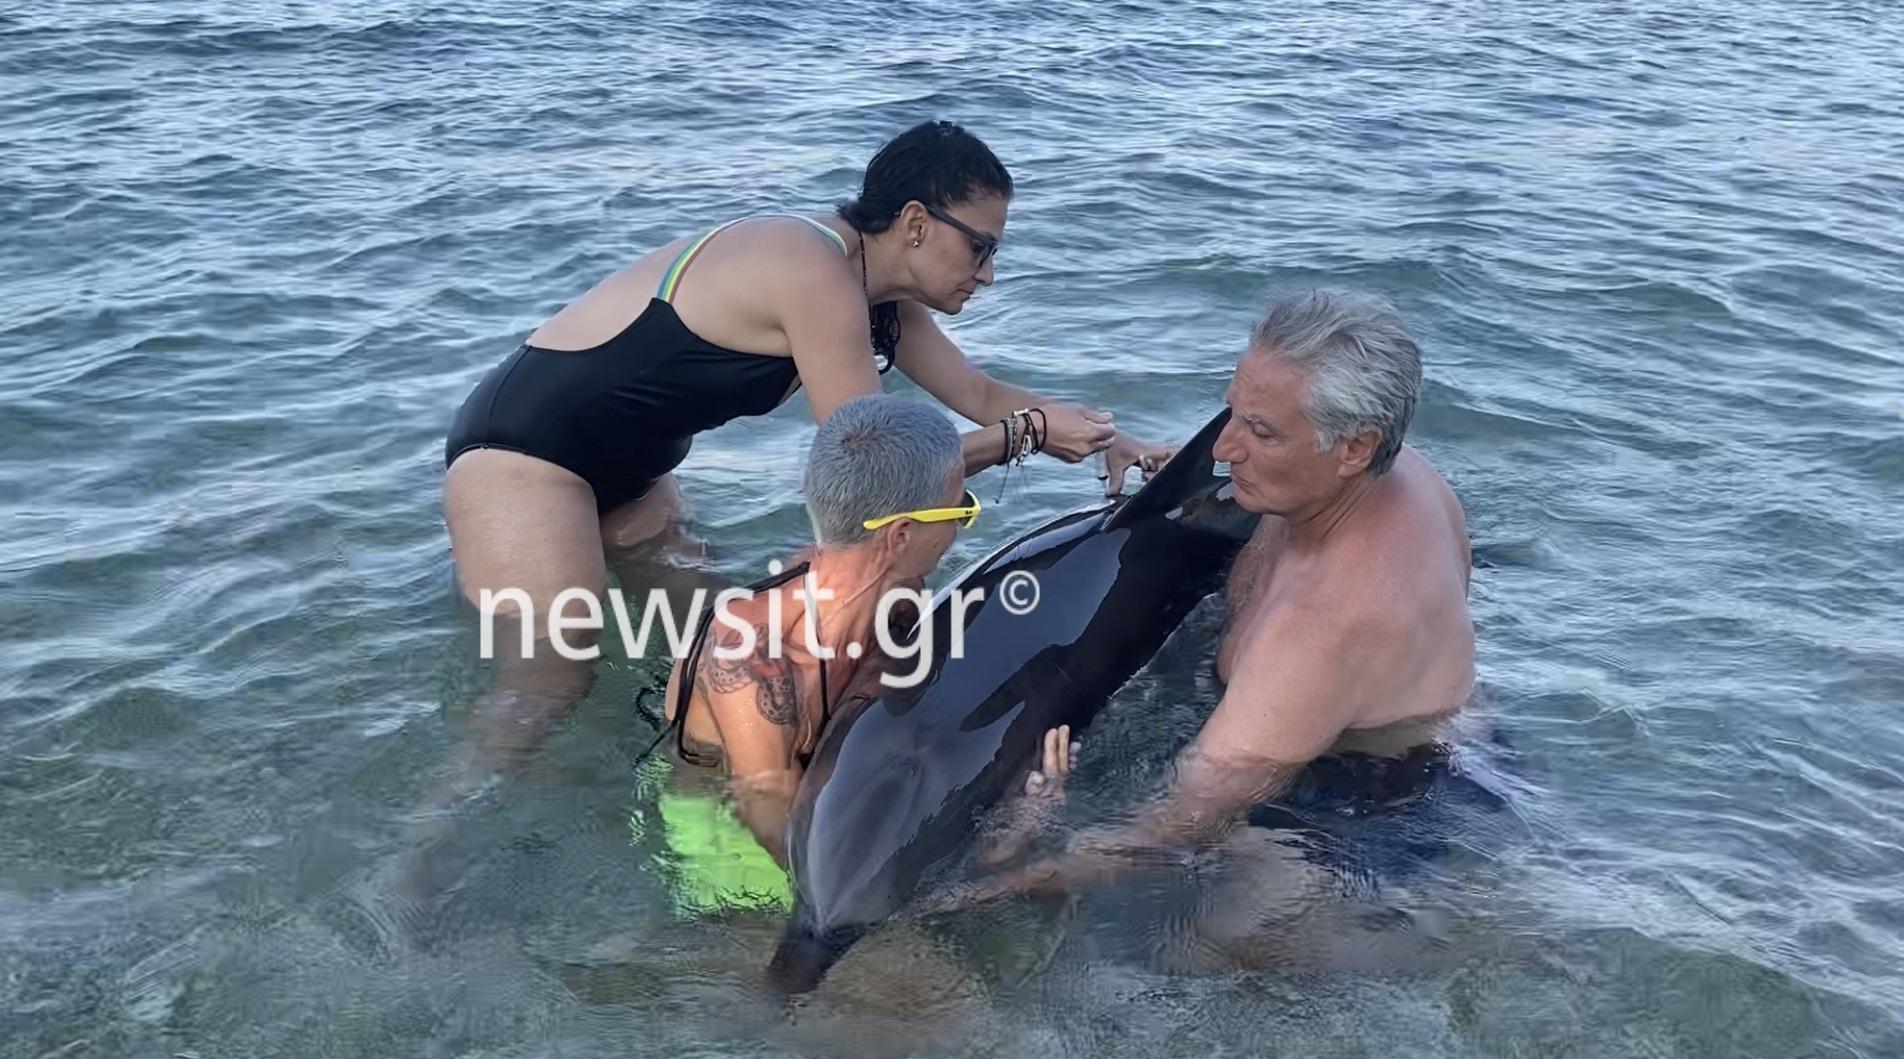 Δελφινάκι χάθηκε στην Αλόννησο και ζήτησε βοήθεια από τους ανθρώπους (video)